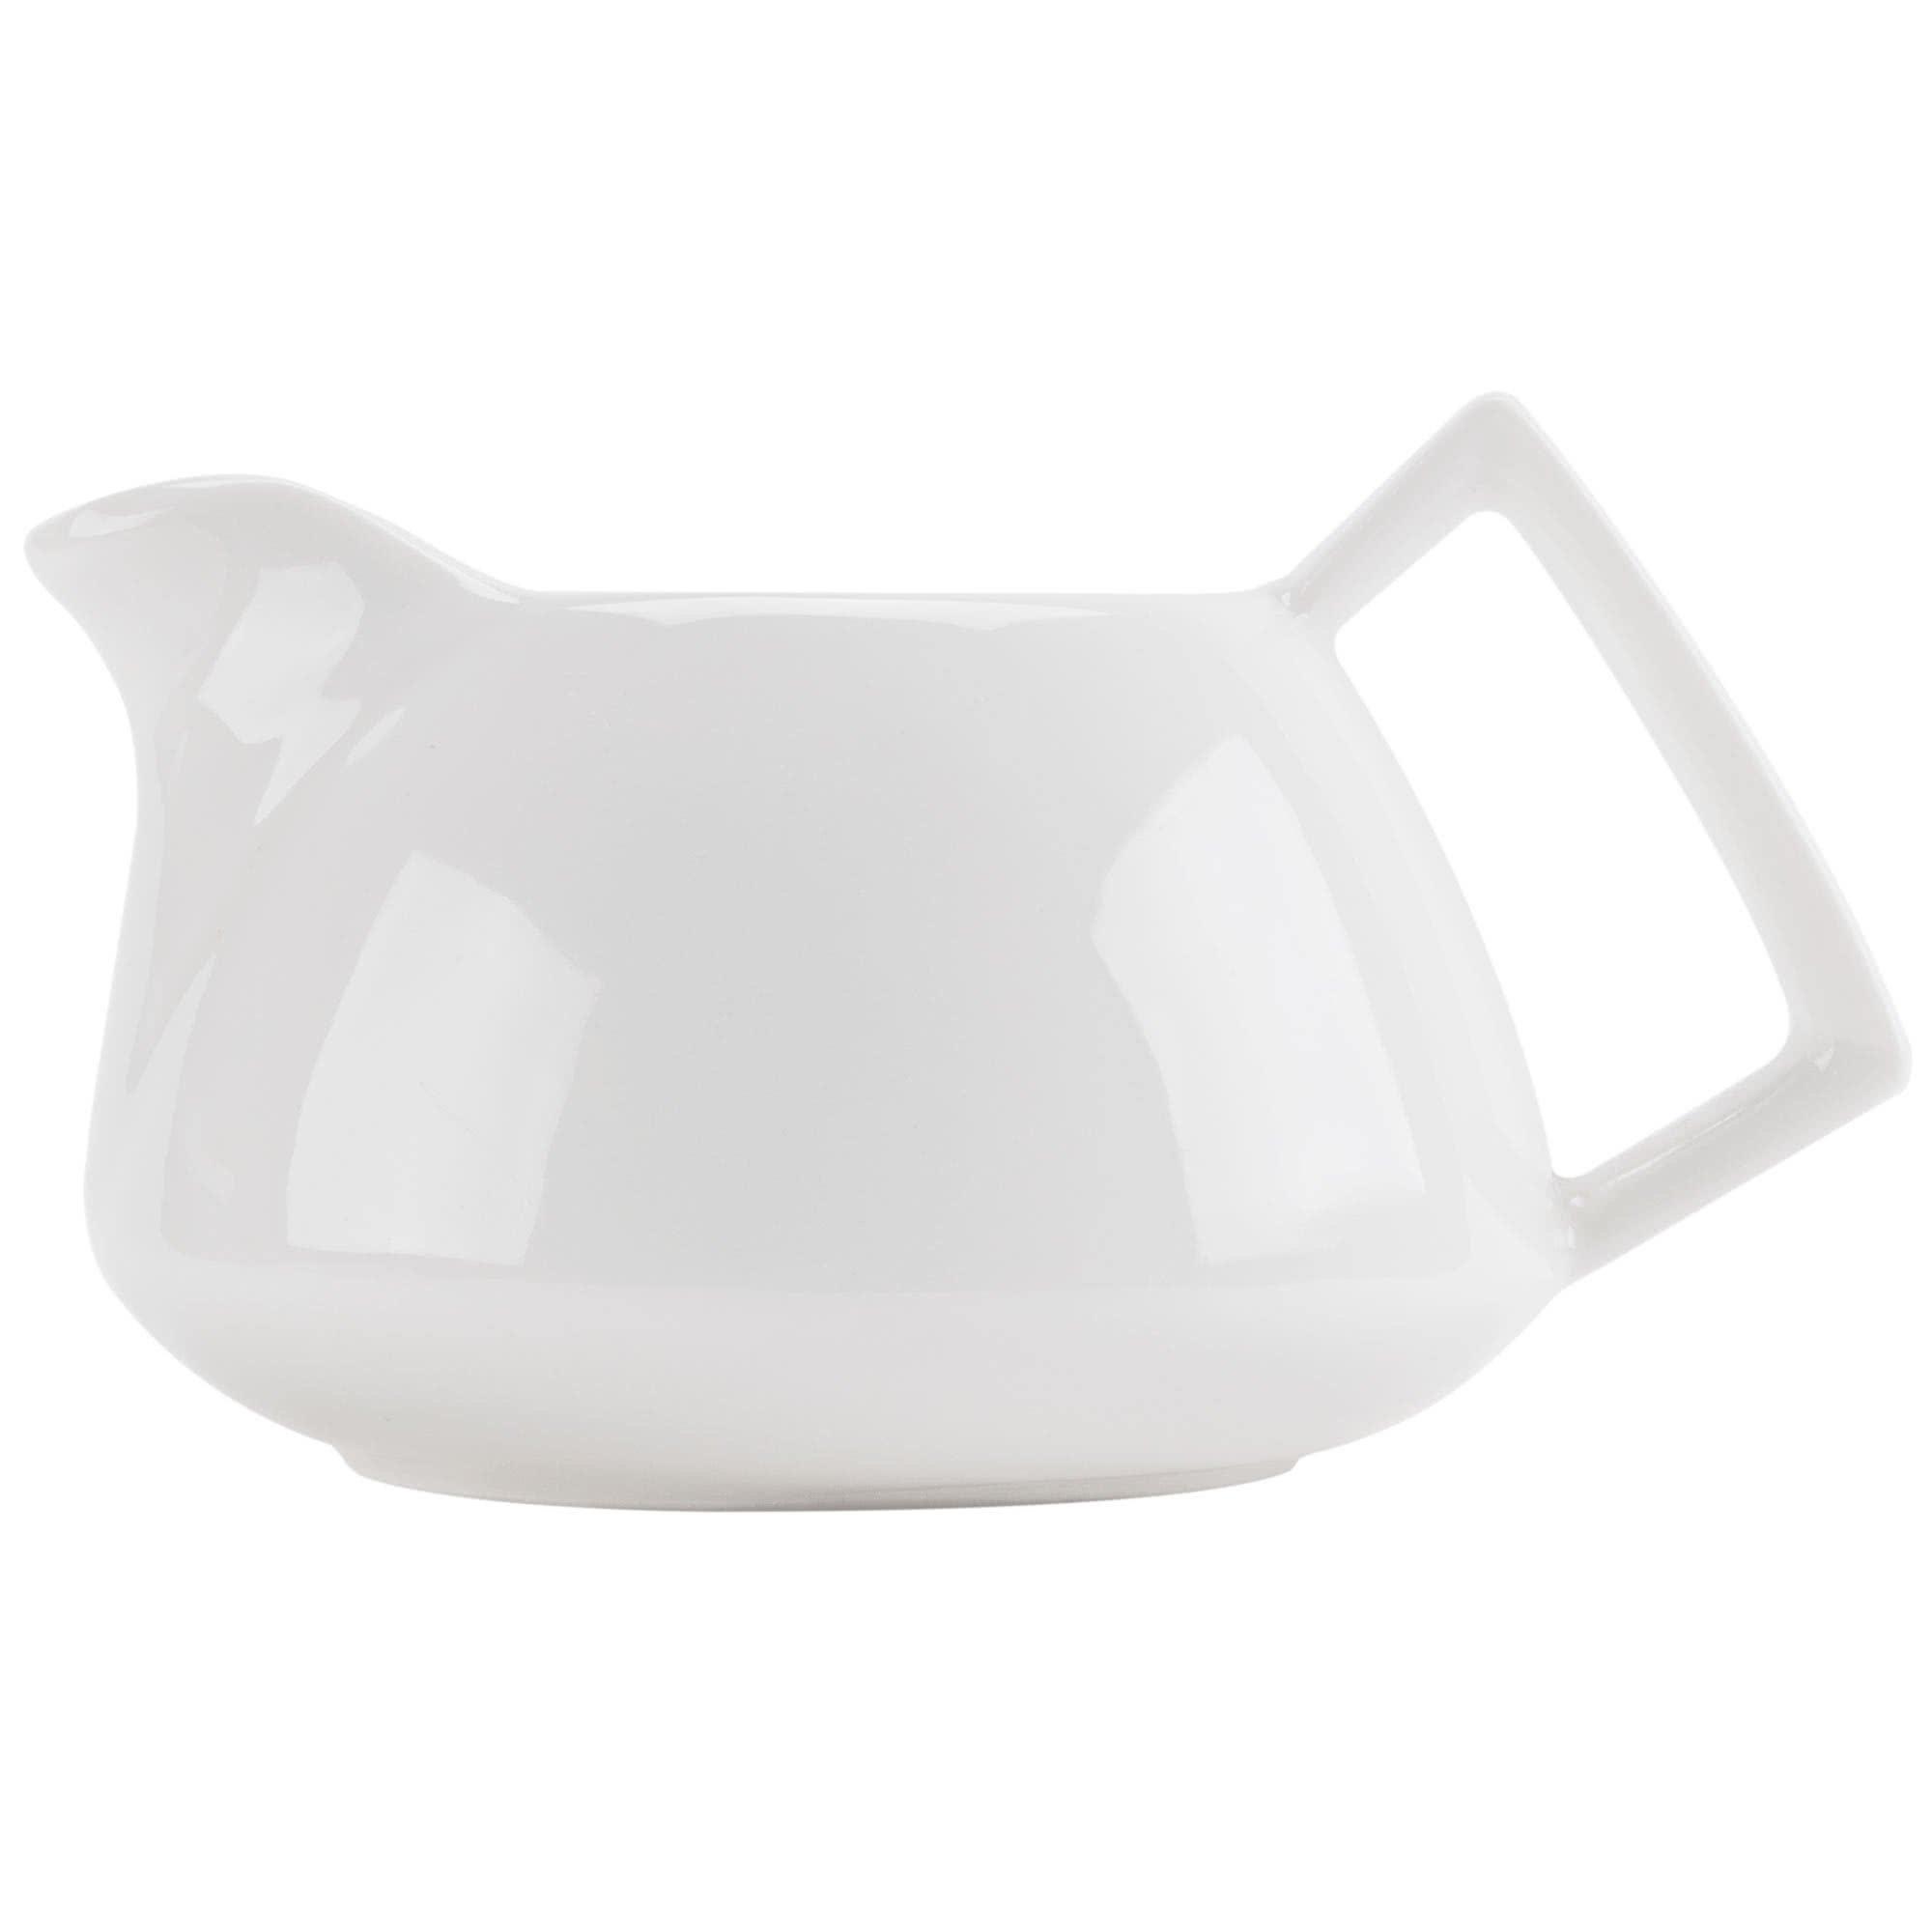 Tabletop King COL-PC Collection 8 oz. Bone White Porcelain Fashion Creamer - 36/Case